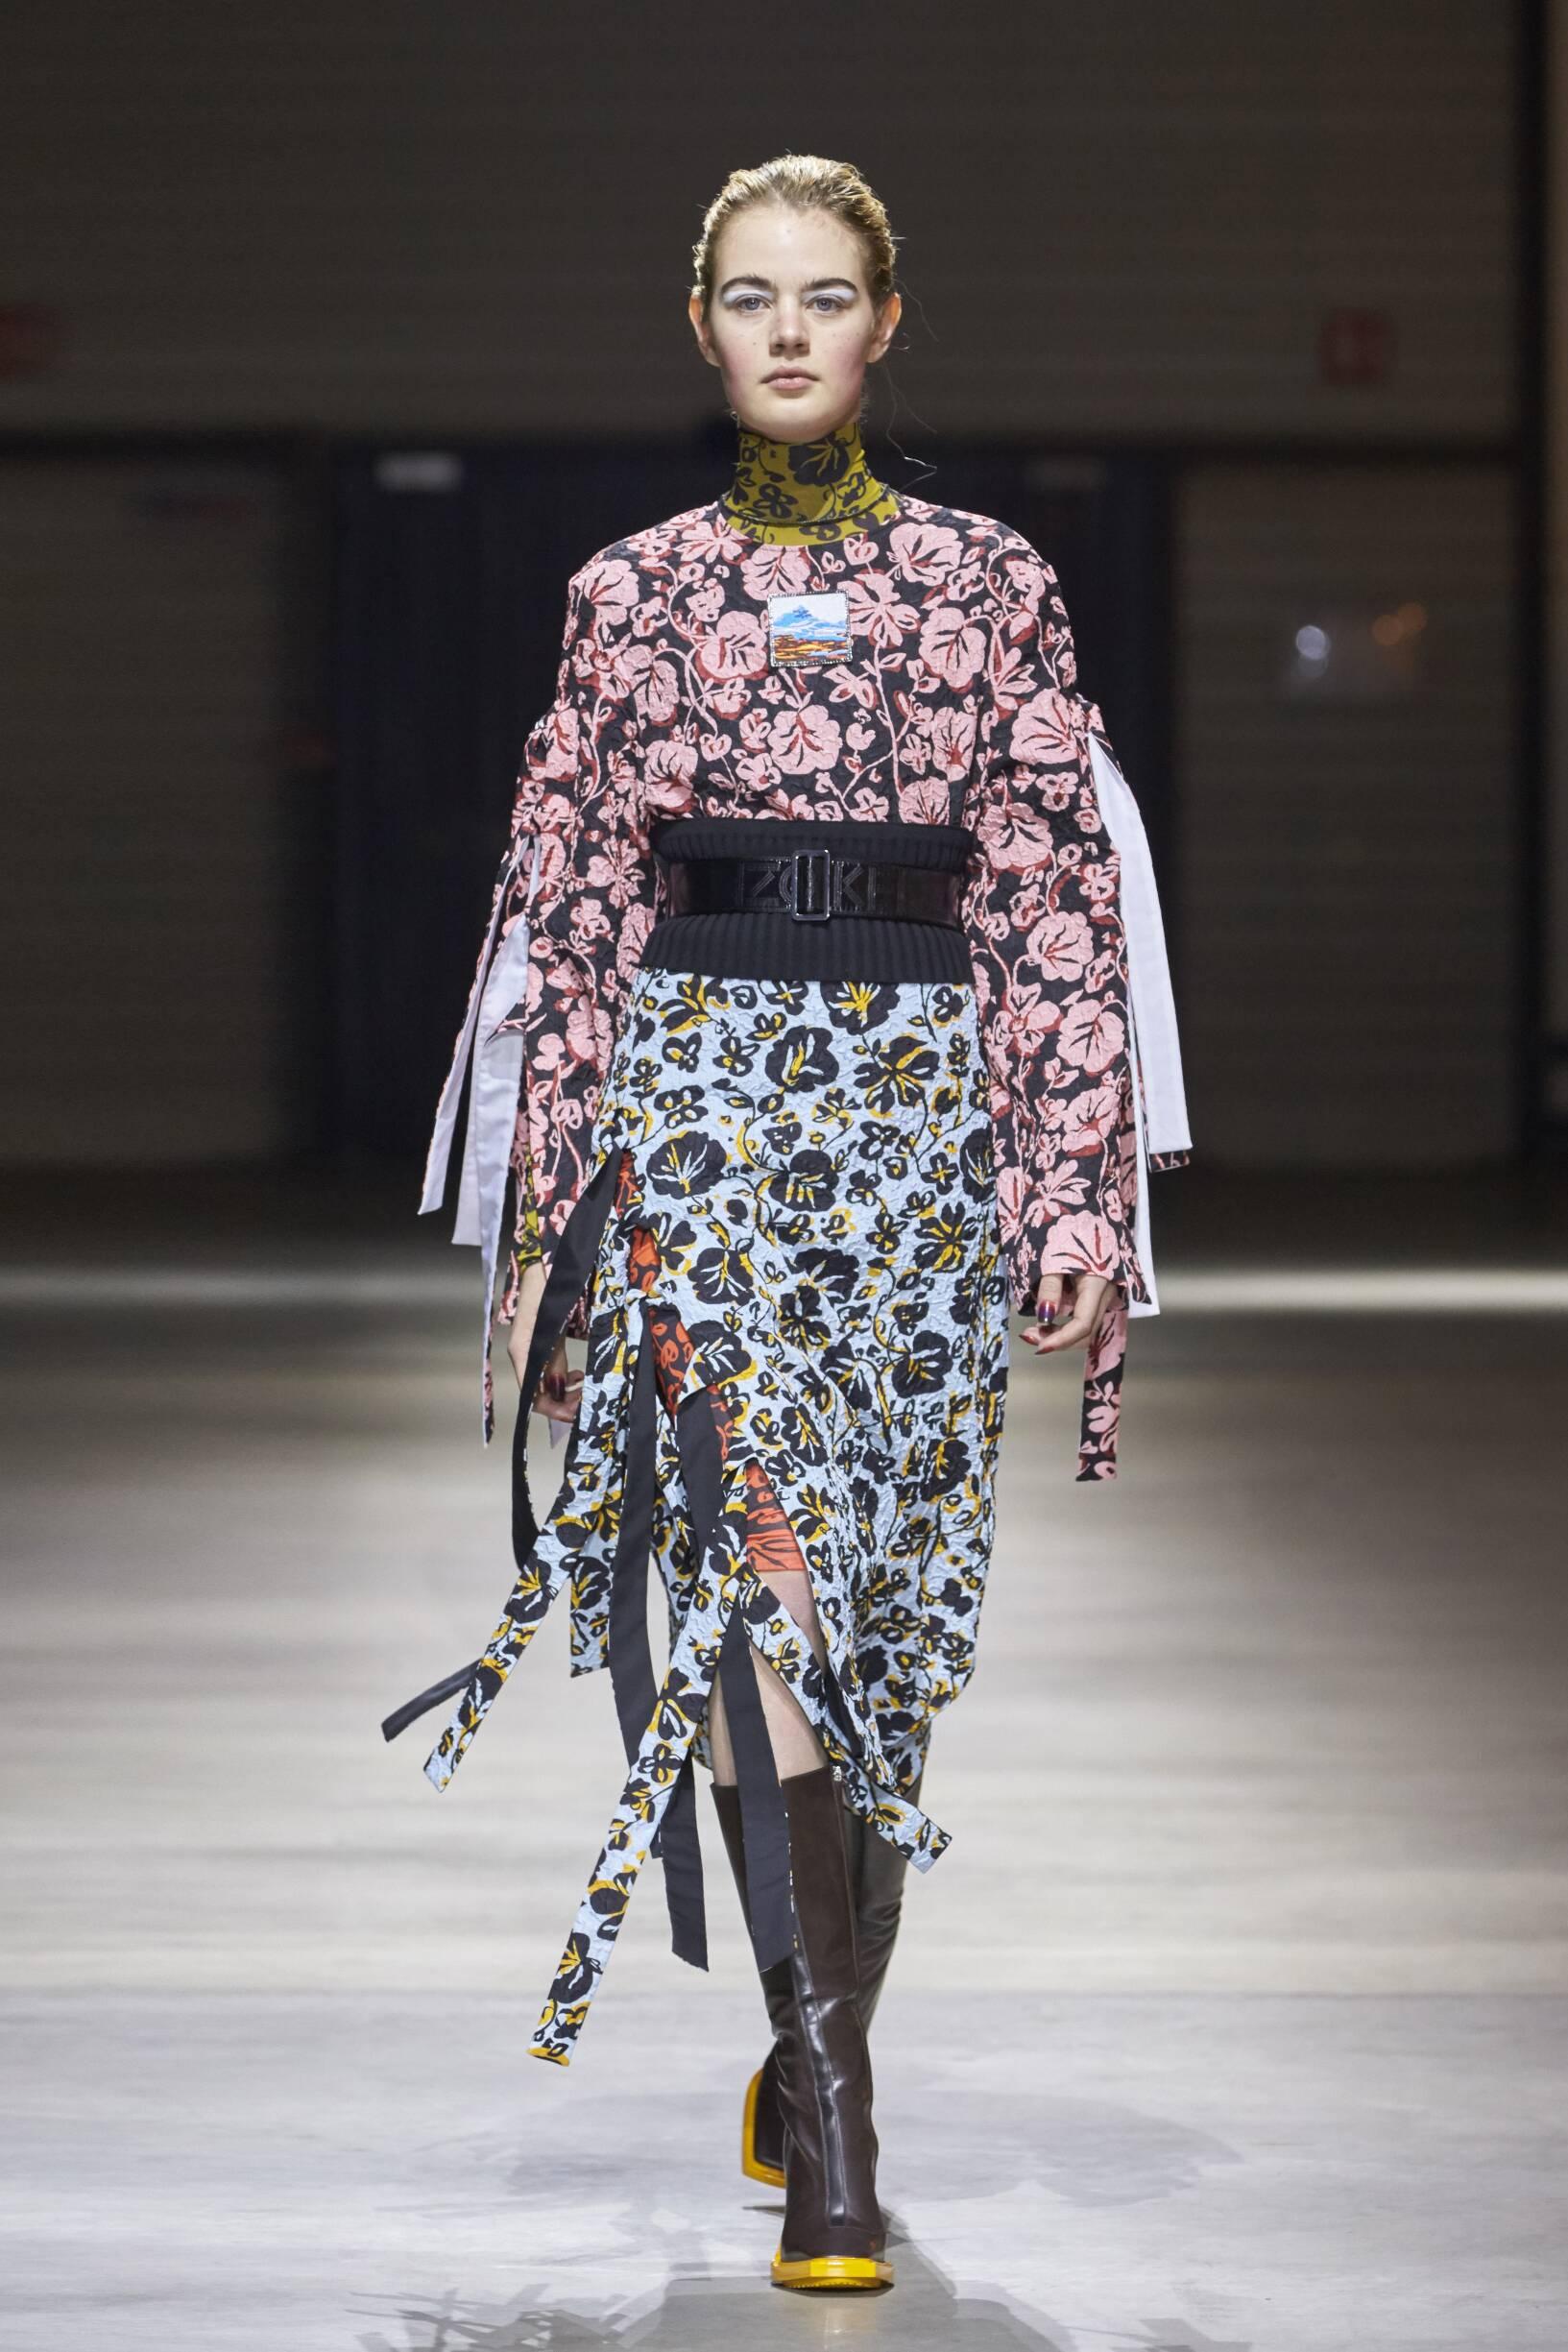 2017 Womenswear Kenzo Catwalk